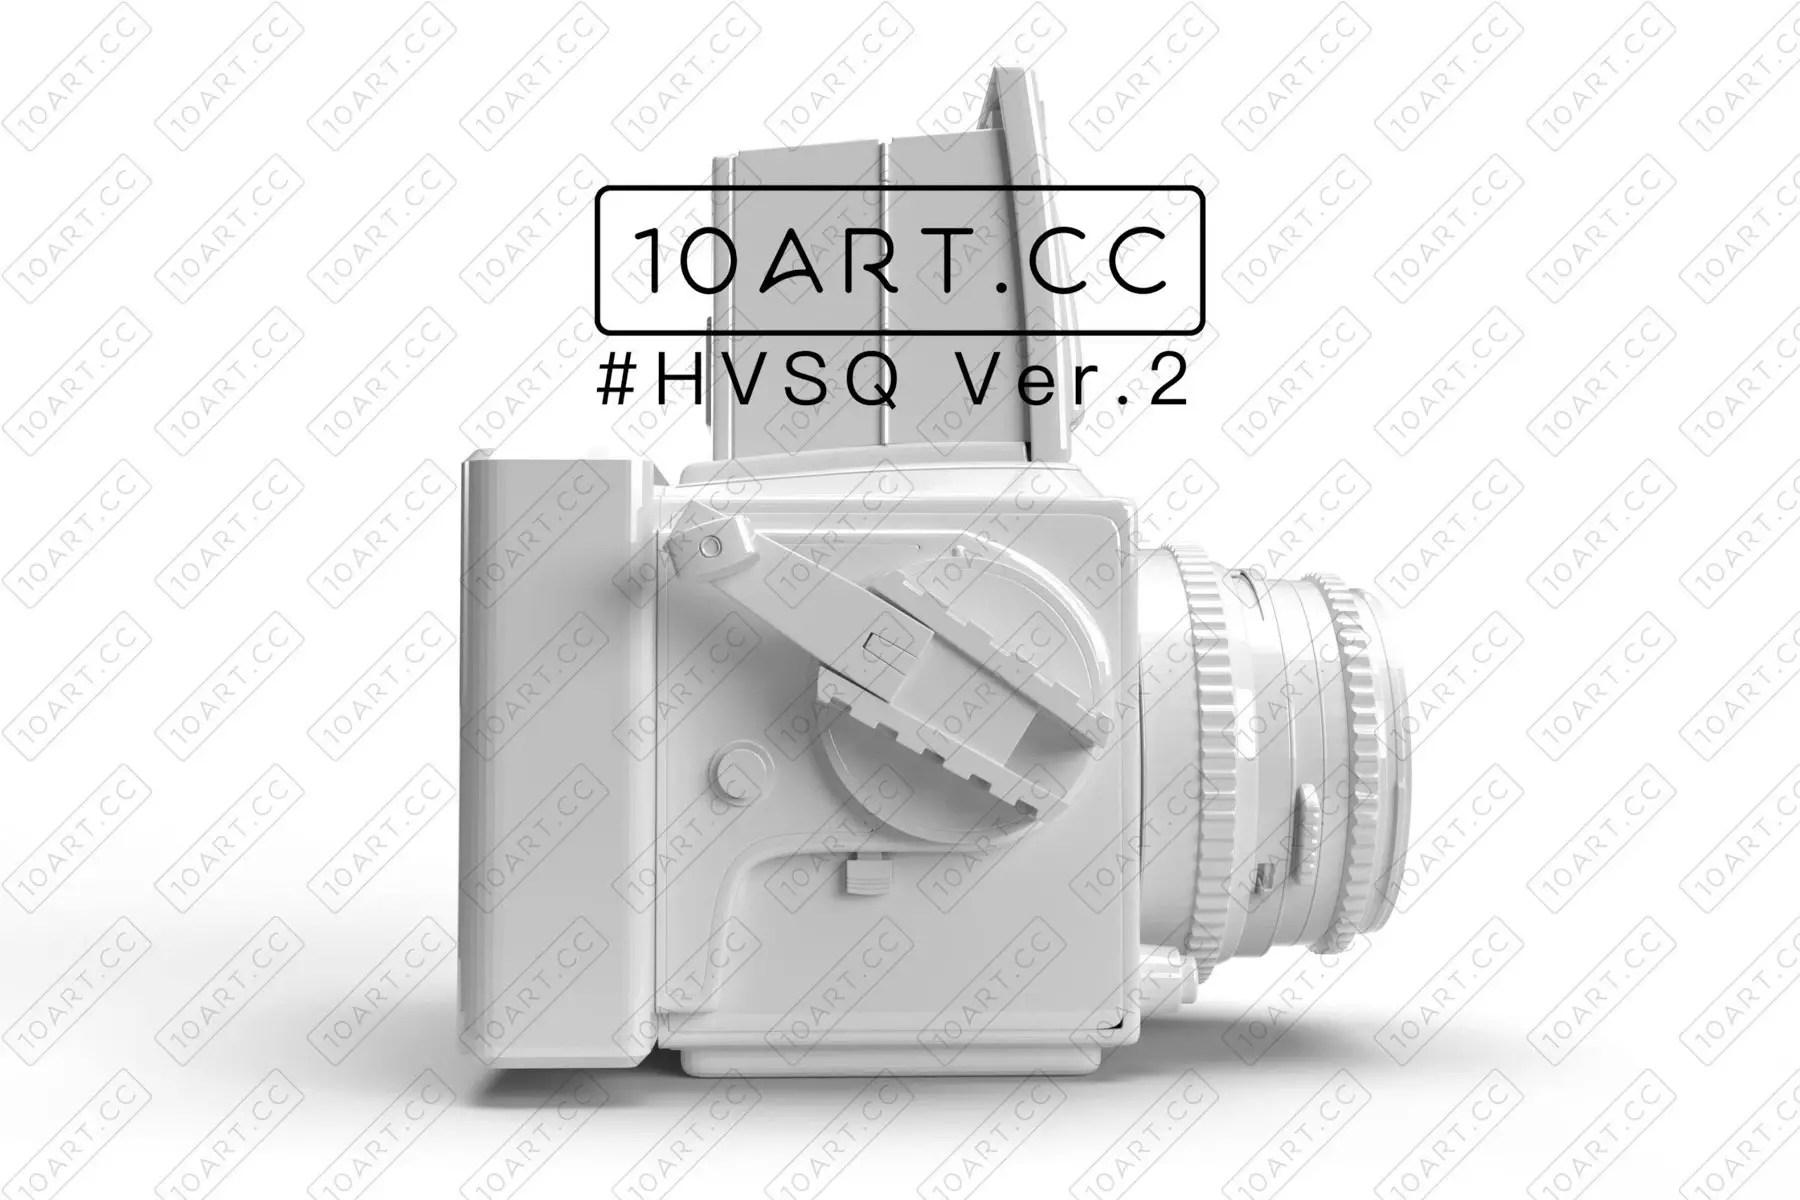 HVSQ Ver.2 Right